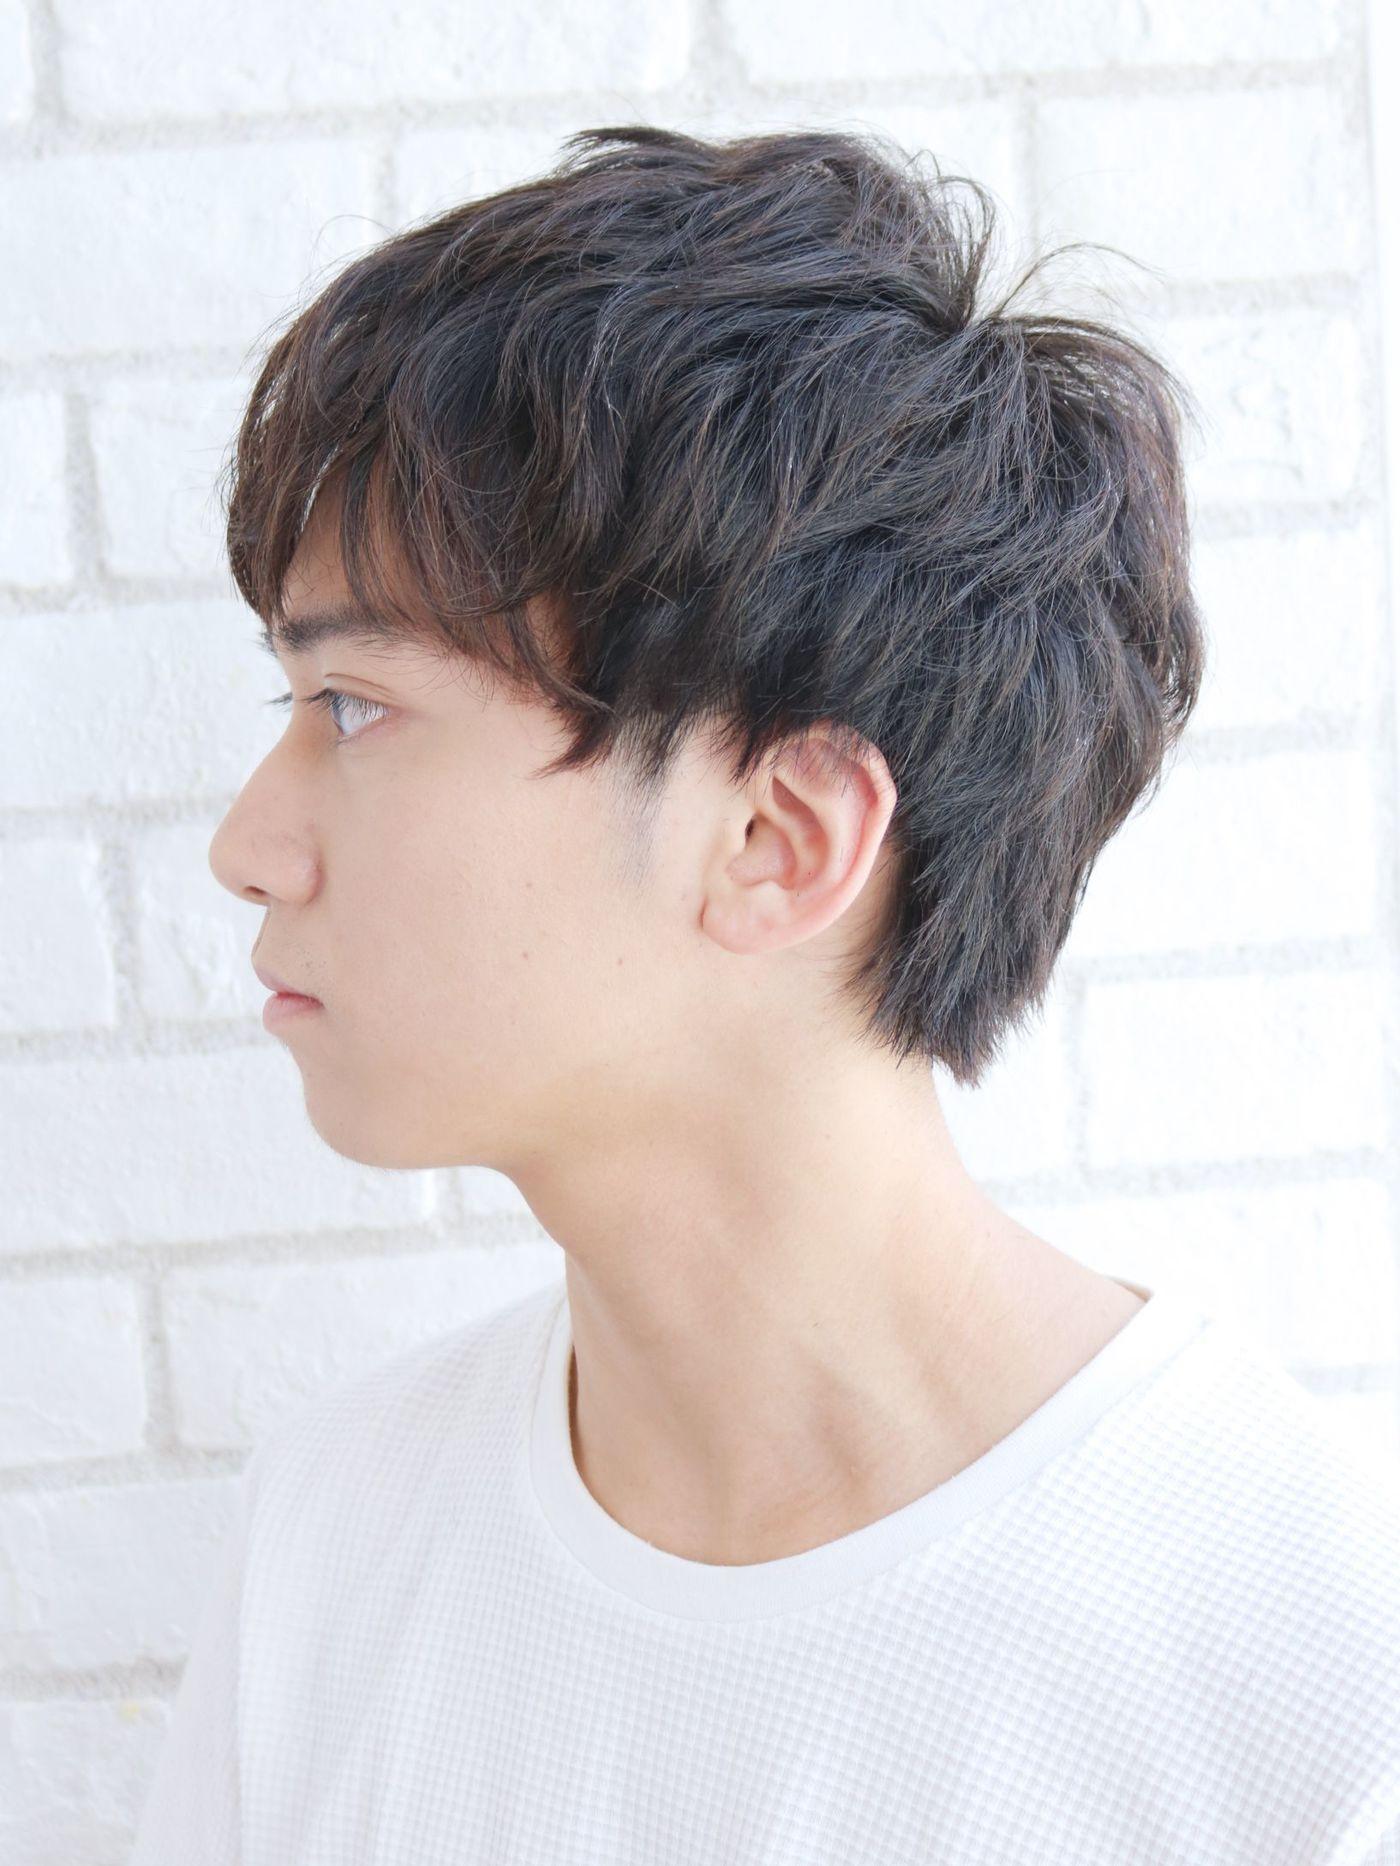 アルバム シンジュク【ALBUM SHINJUKU】が投稿した画像